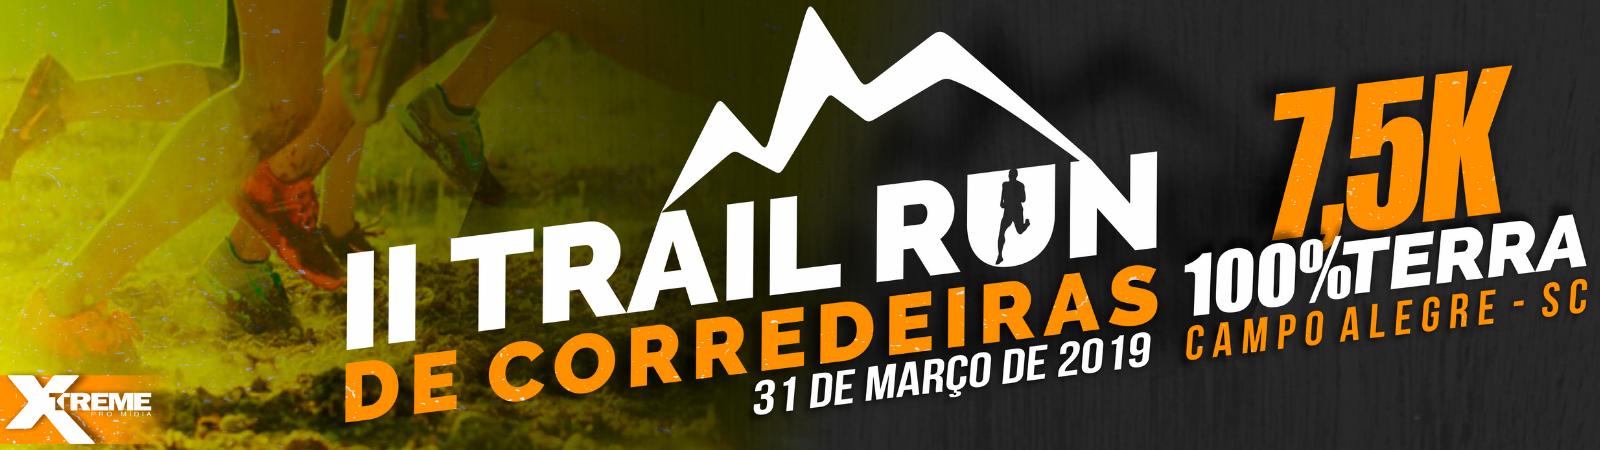 II TRAIL RUN DE CORREDEIRAS